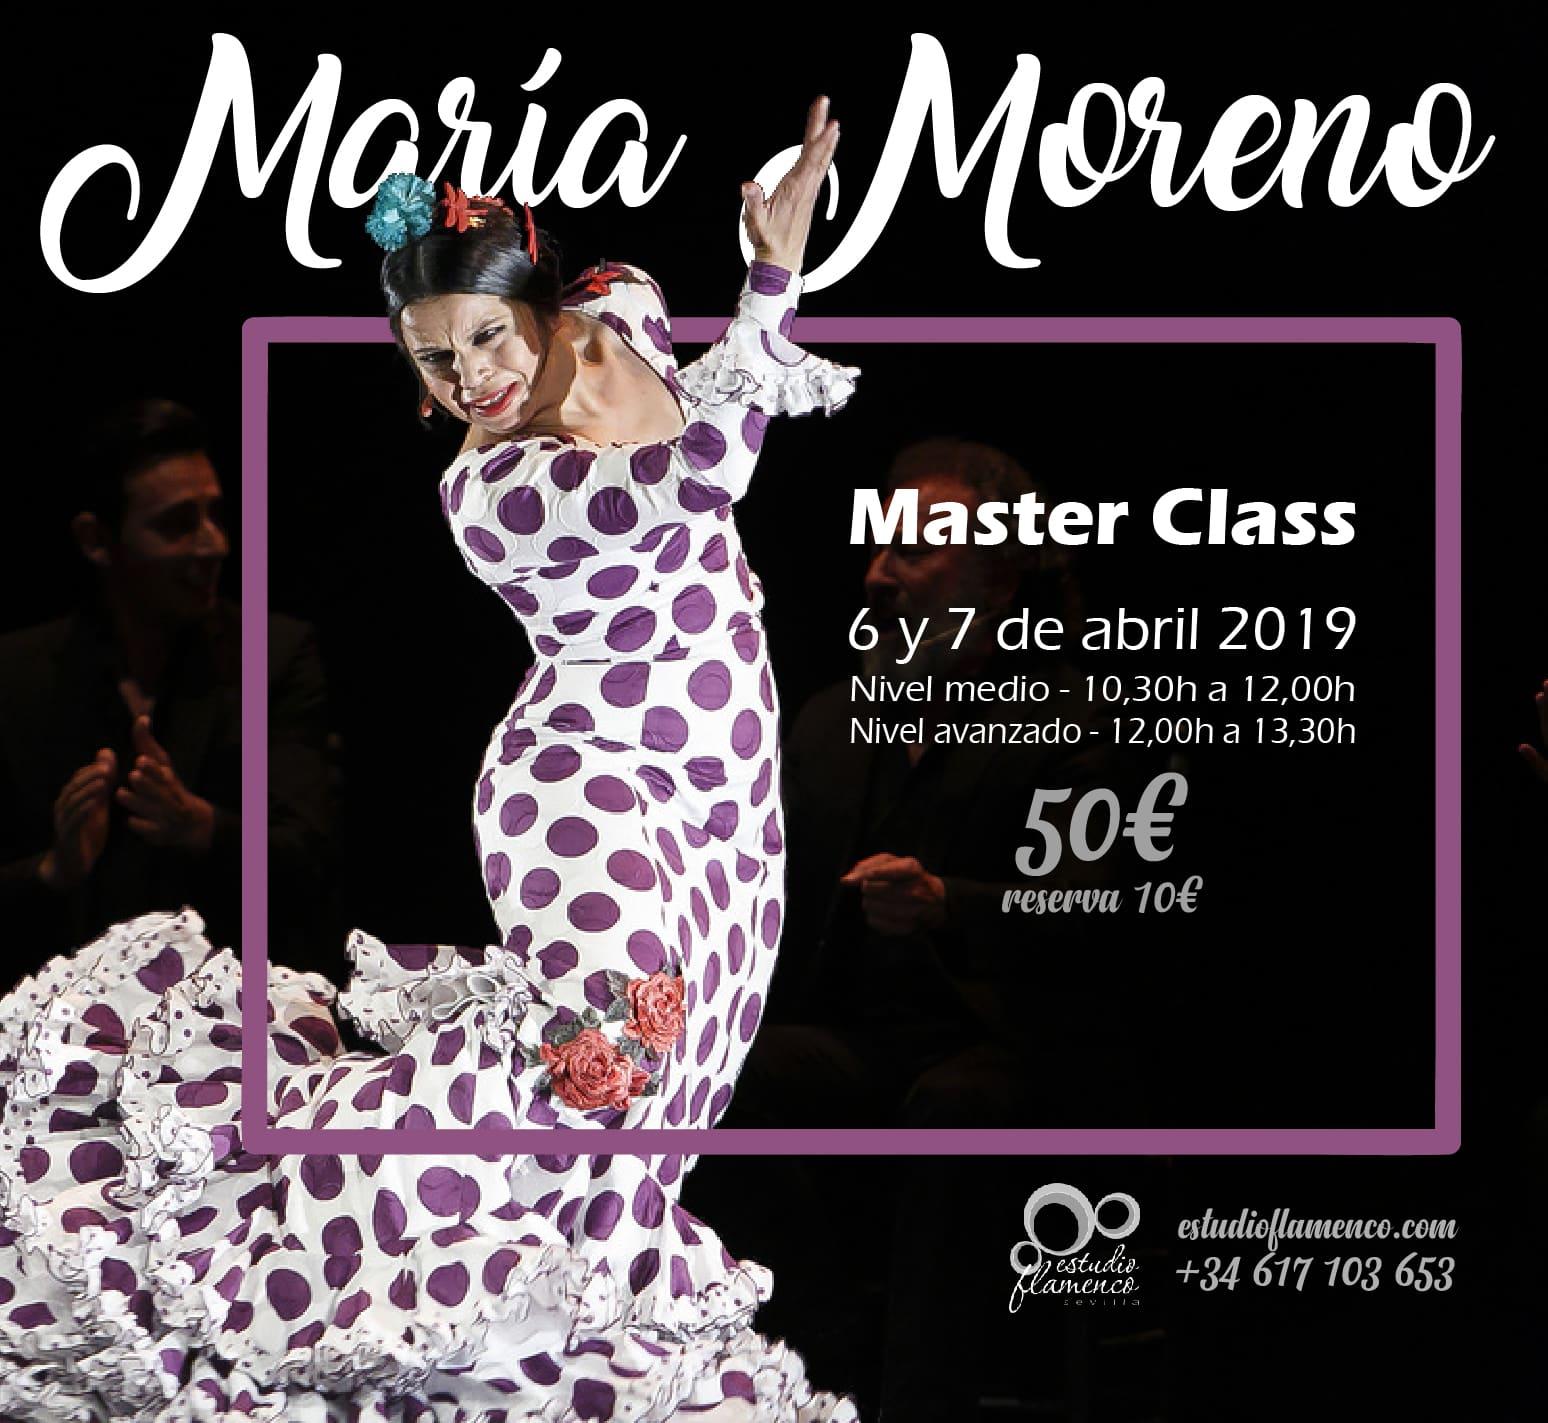 María Moreno Master Class